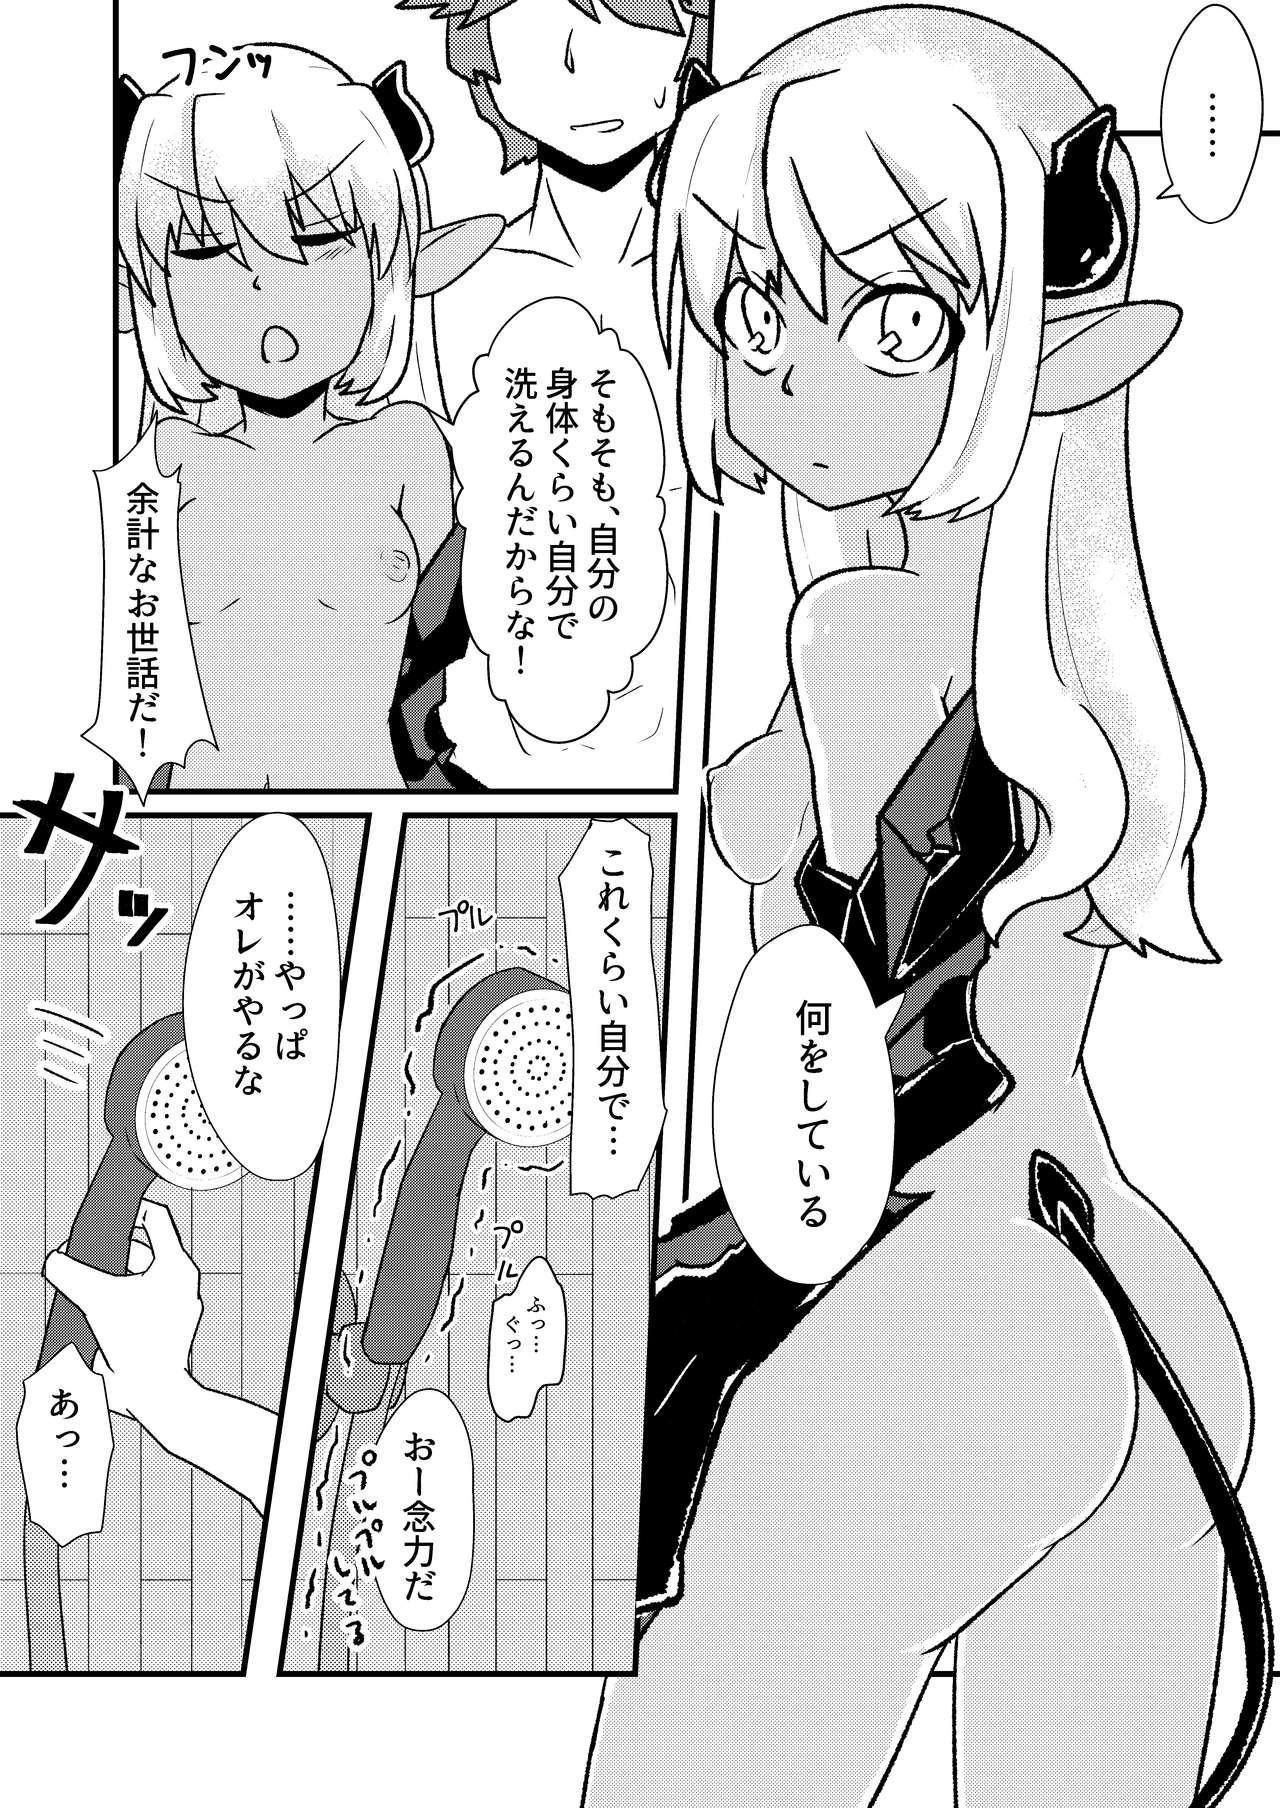 「お風呂」 青肌の魔族がTSして弱体化する漫画② 9